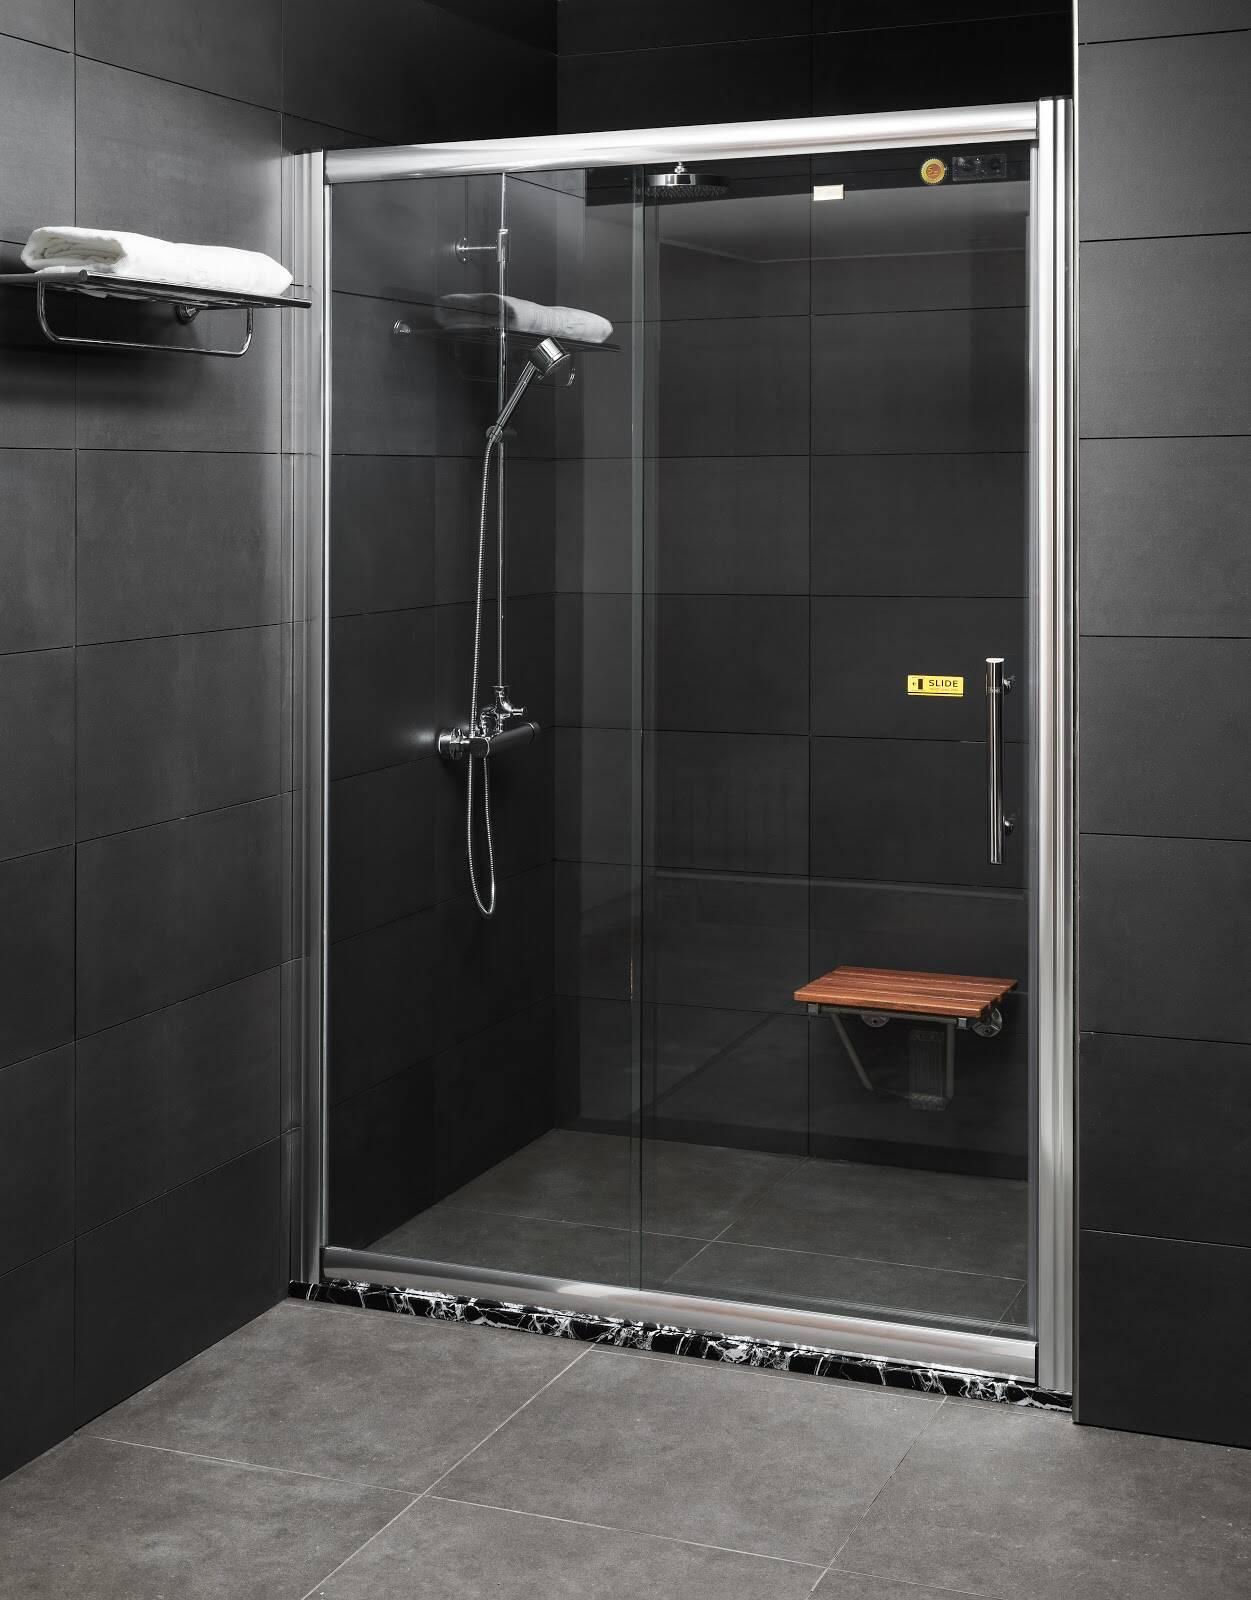 Phòng tắm kính cửa mở trượt của Fendi được thiết kế rất gọn đẹp và chắc chắn